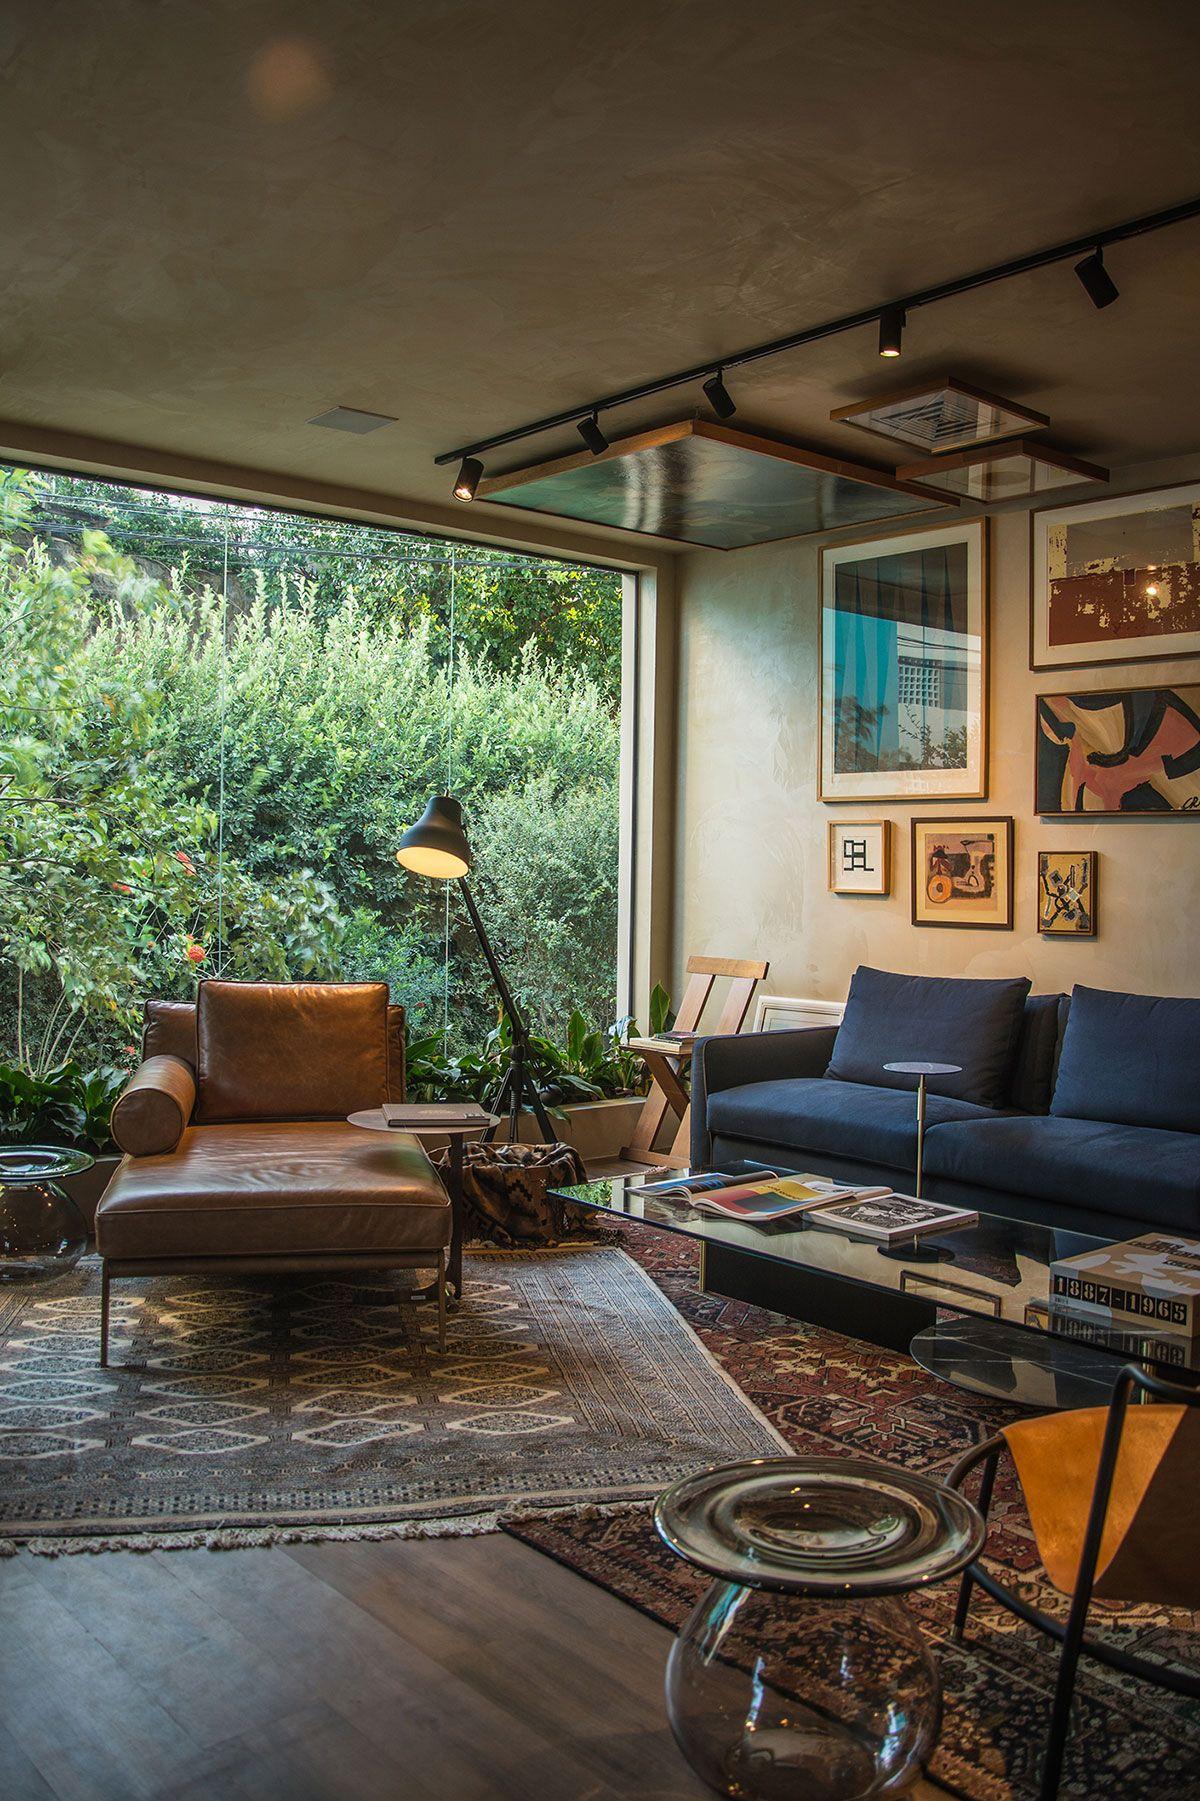 O ambiente assinado pelo TRPC Arquitetos para a CasaCor Bahia 2019 é o Loft do Colecionador. O espaço 60m² foi pensado para ser um ambiente repleto de arte e afetividade. Com a premissa de que todos colecionam memórias, foi projetado para despertar sensações e criar uma atmosfera intimista e aconchegante.  #casadevalentina #casacor #casacorbahia #decor #decoracao #decorhouse #interiordesign #decordetails #livingroom #sala #saladeestar #livingroomdecor